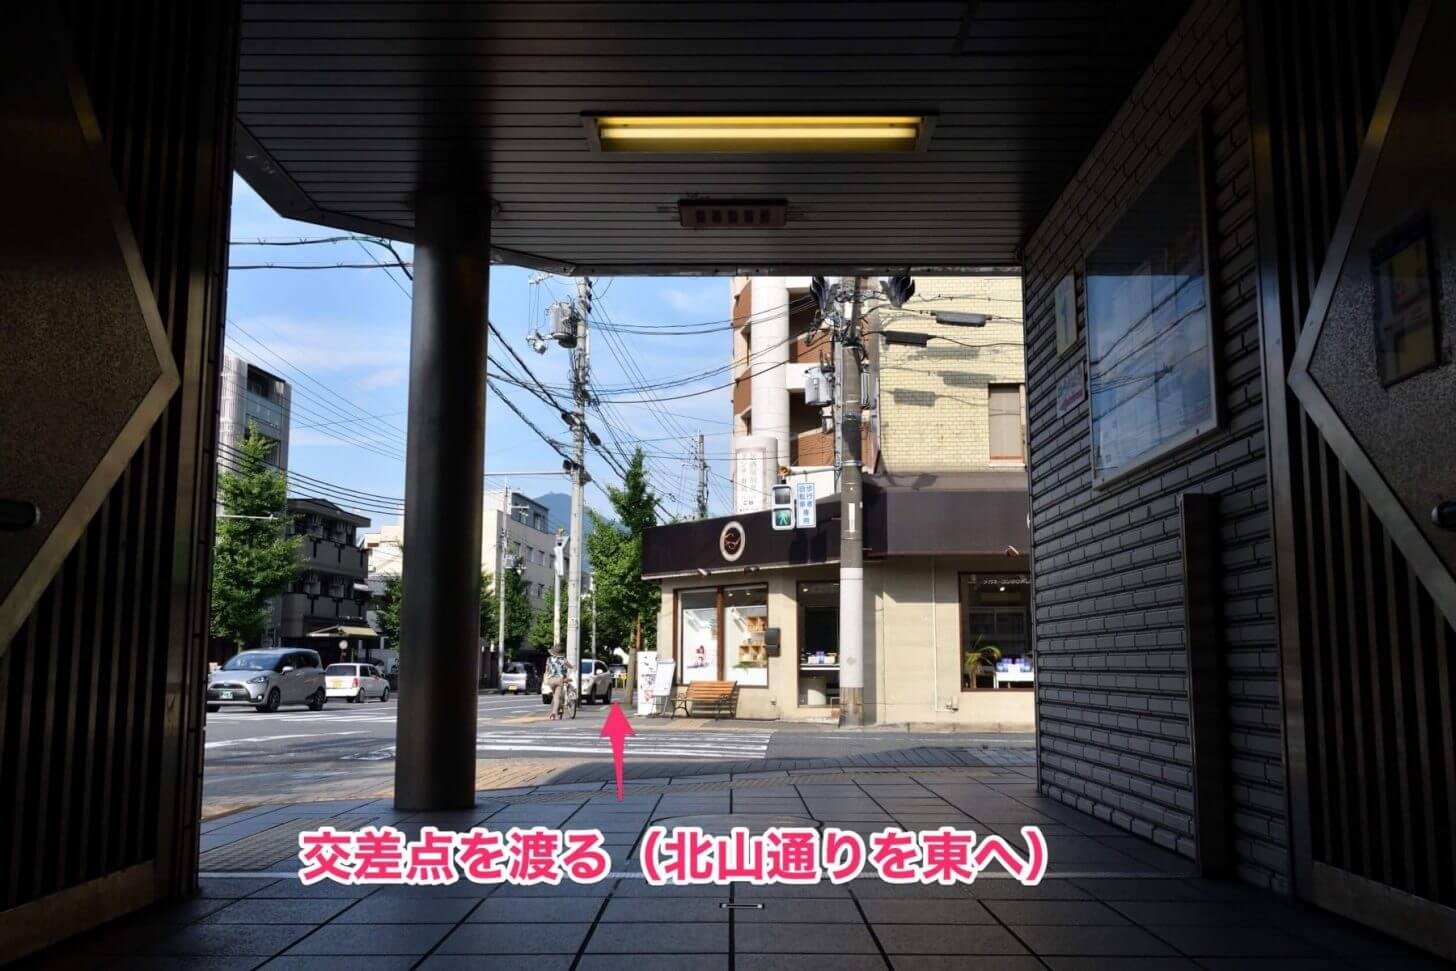 京都市営地下鉄北山駅1番出口を出て交差点を横断